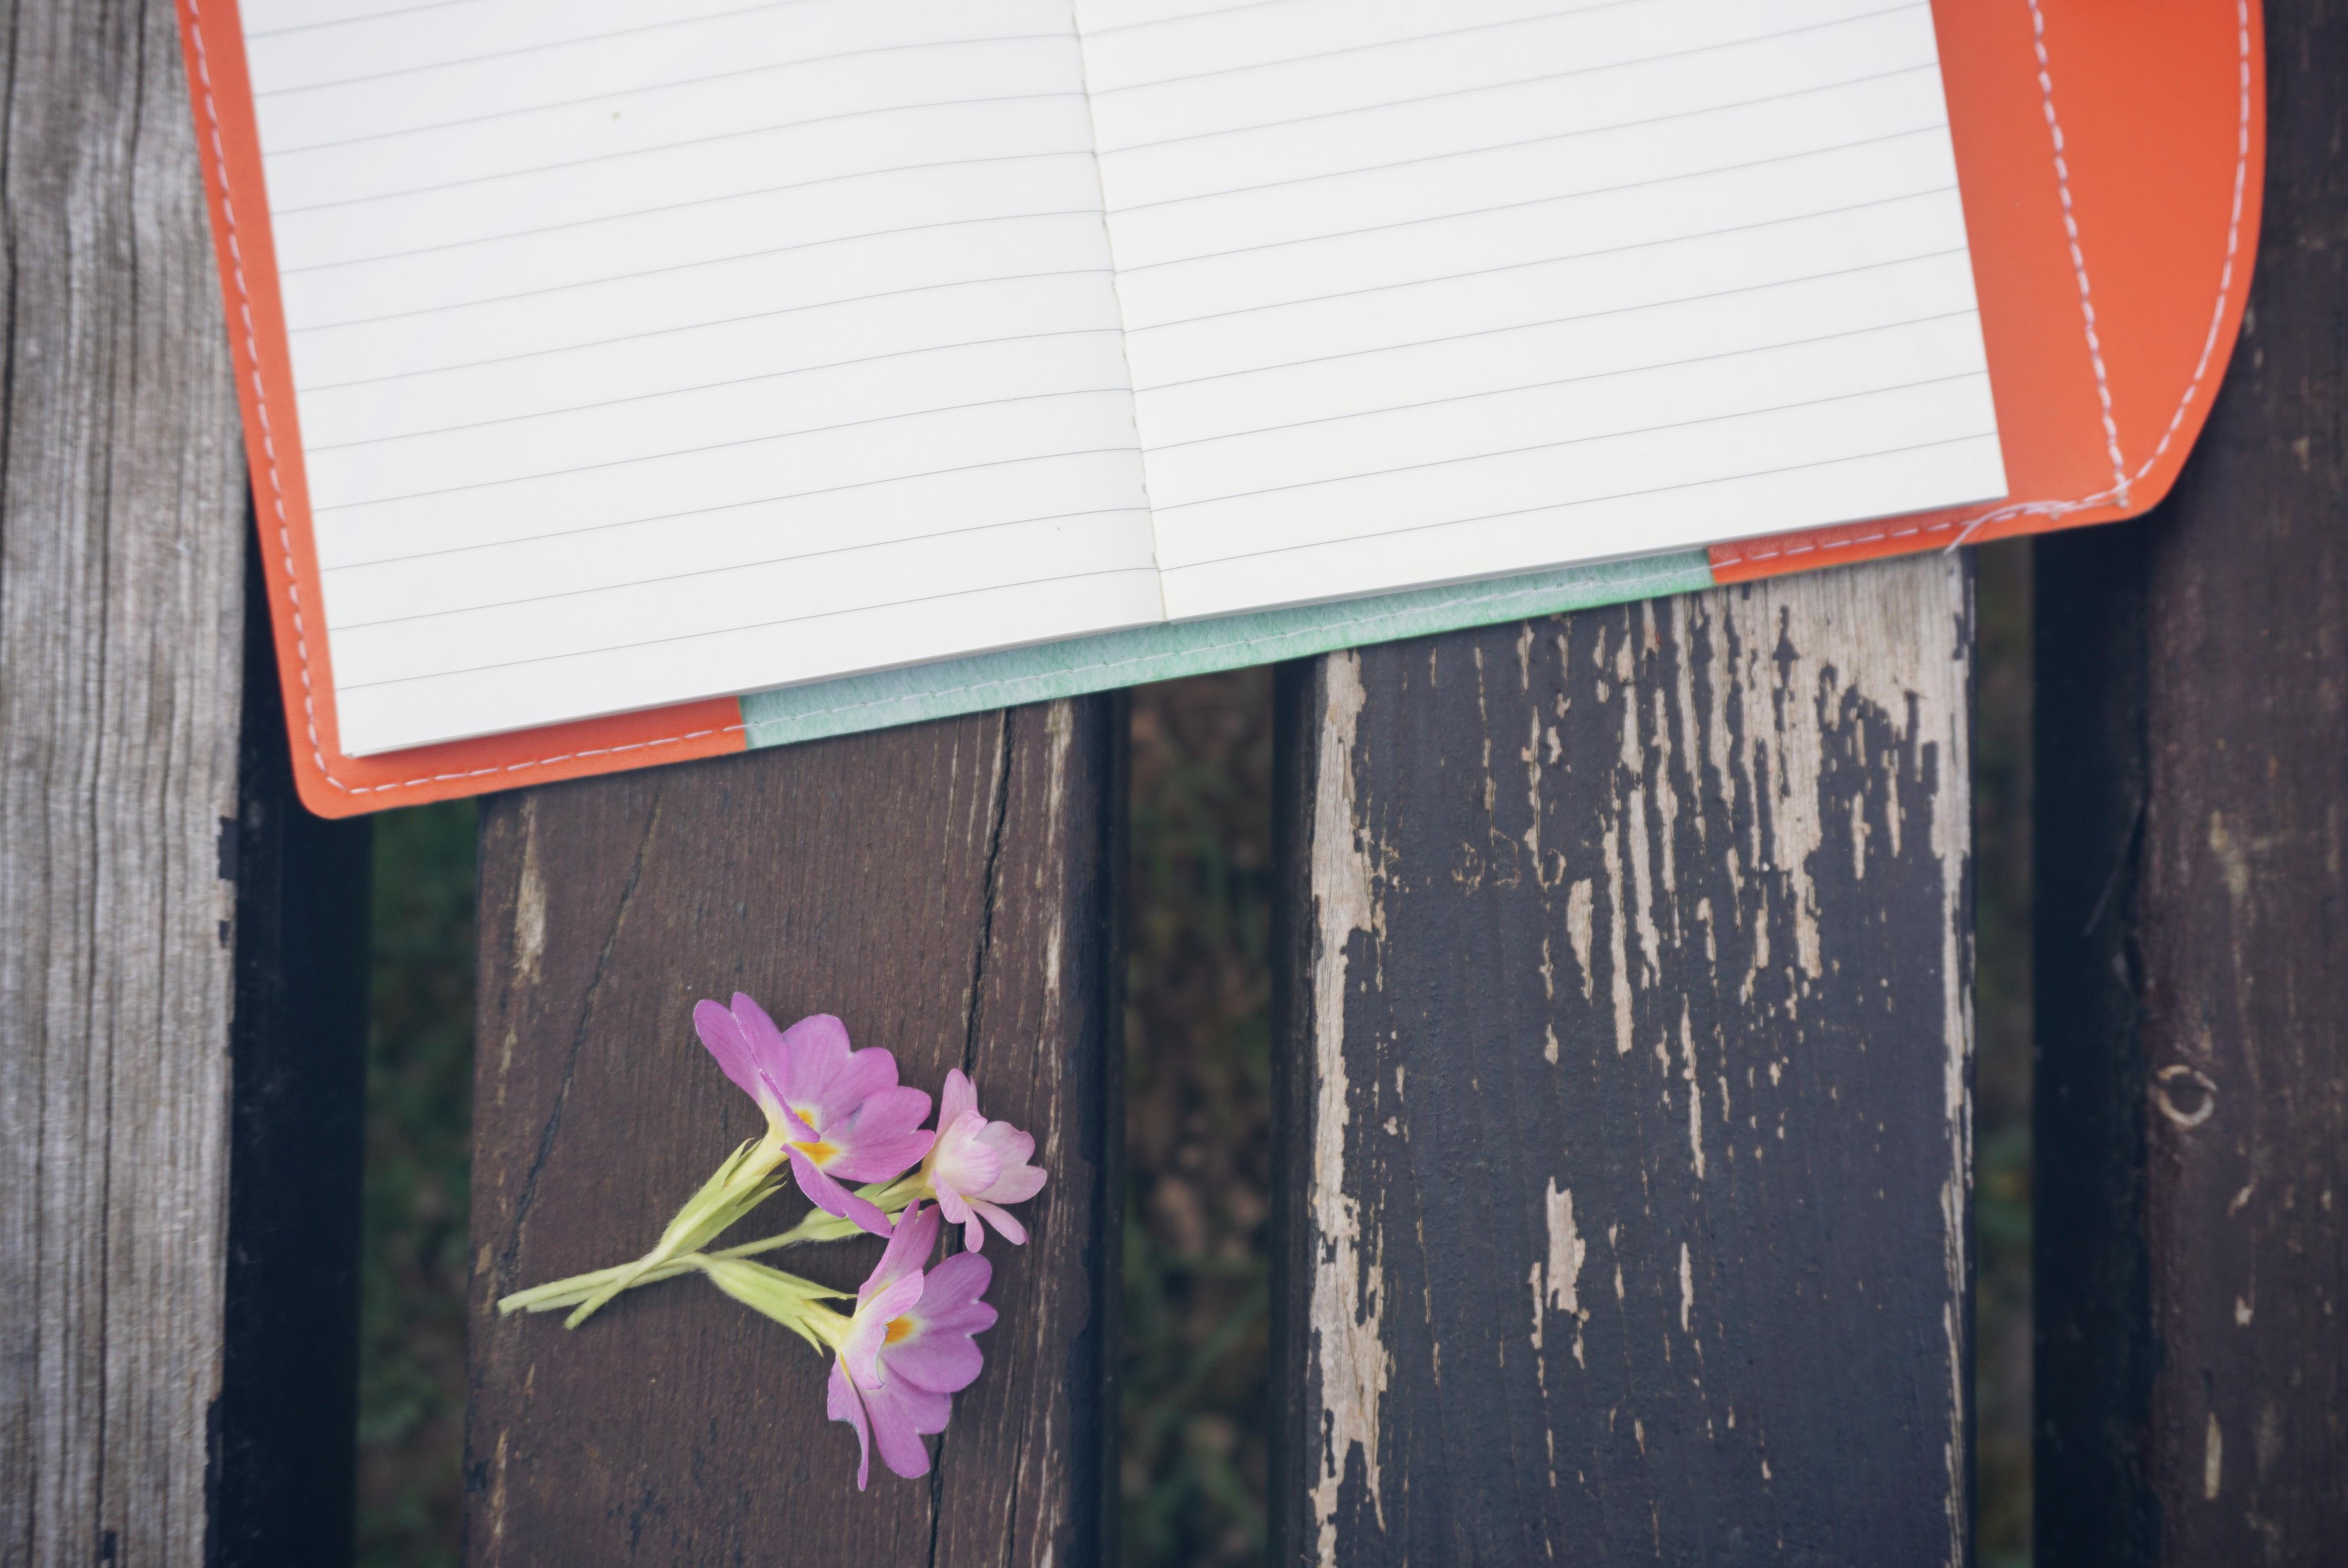 Kostenlose foto : Notizbuch, Natur, kreativ, Pflanze, Holz, Weiß ...